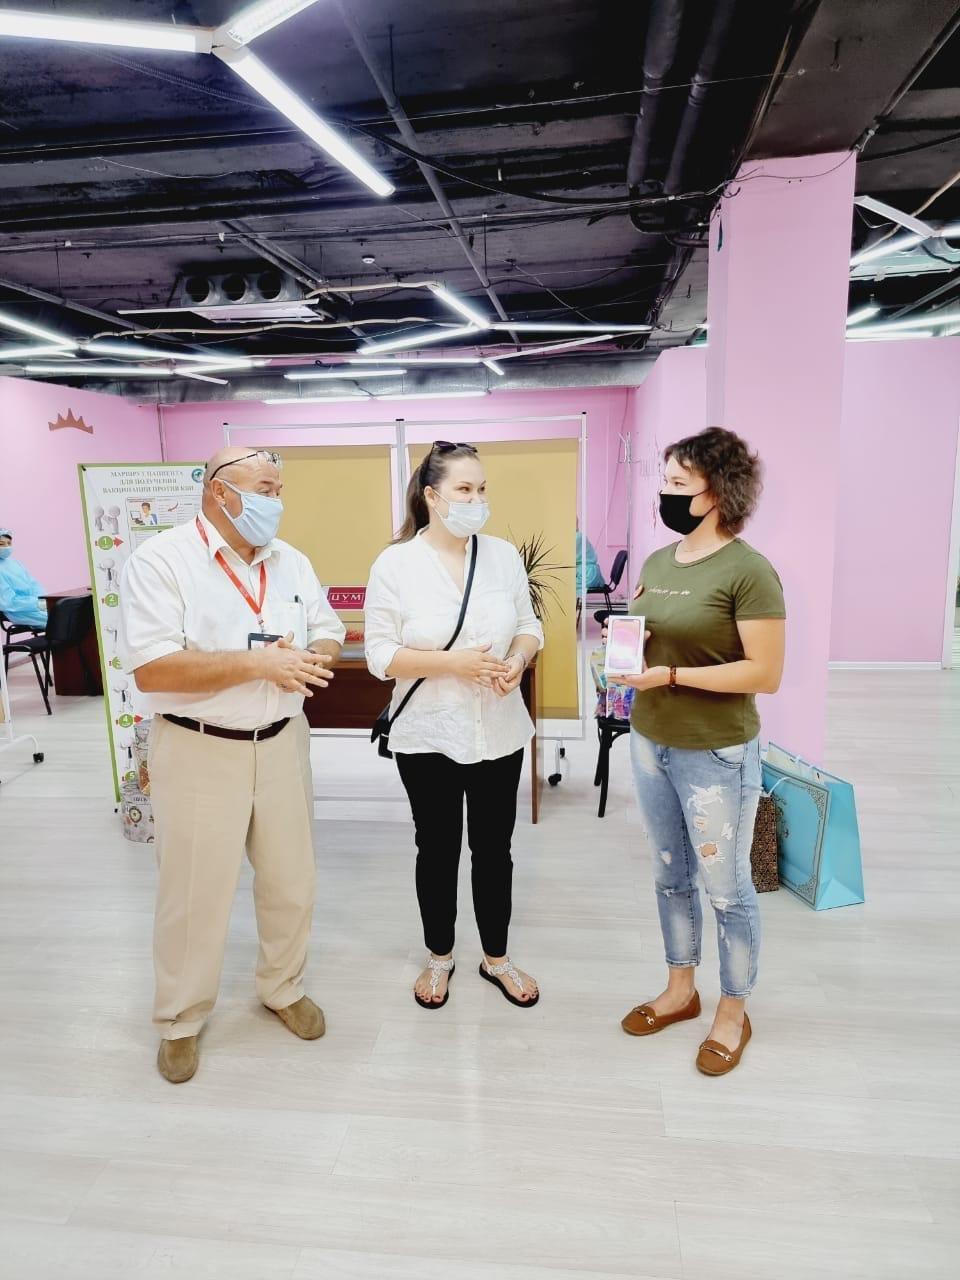 Розыгрыш призов провели среди вакцинированныхв Алматы, Акимат Алматы